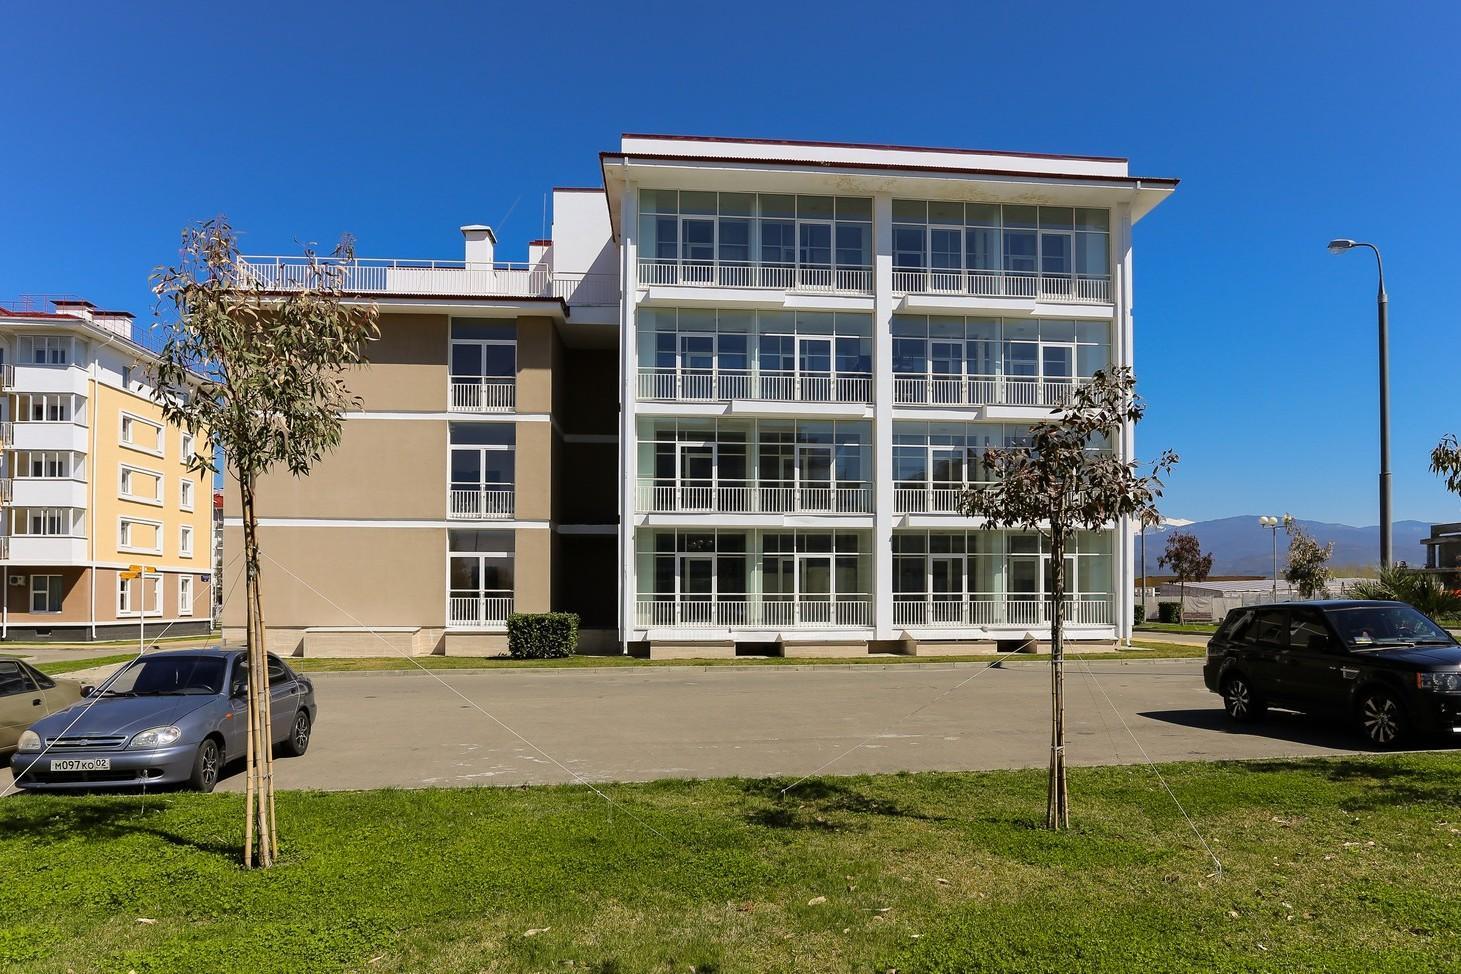 Апартаментный комплекс вблизи Черного моря - image Apartamentnyj-kompleks-vblizi-CHernogo-morya on https://bizneskvartal.ru